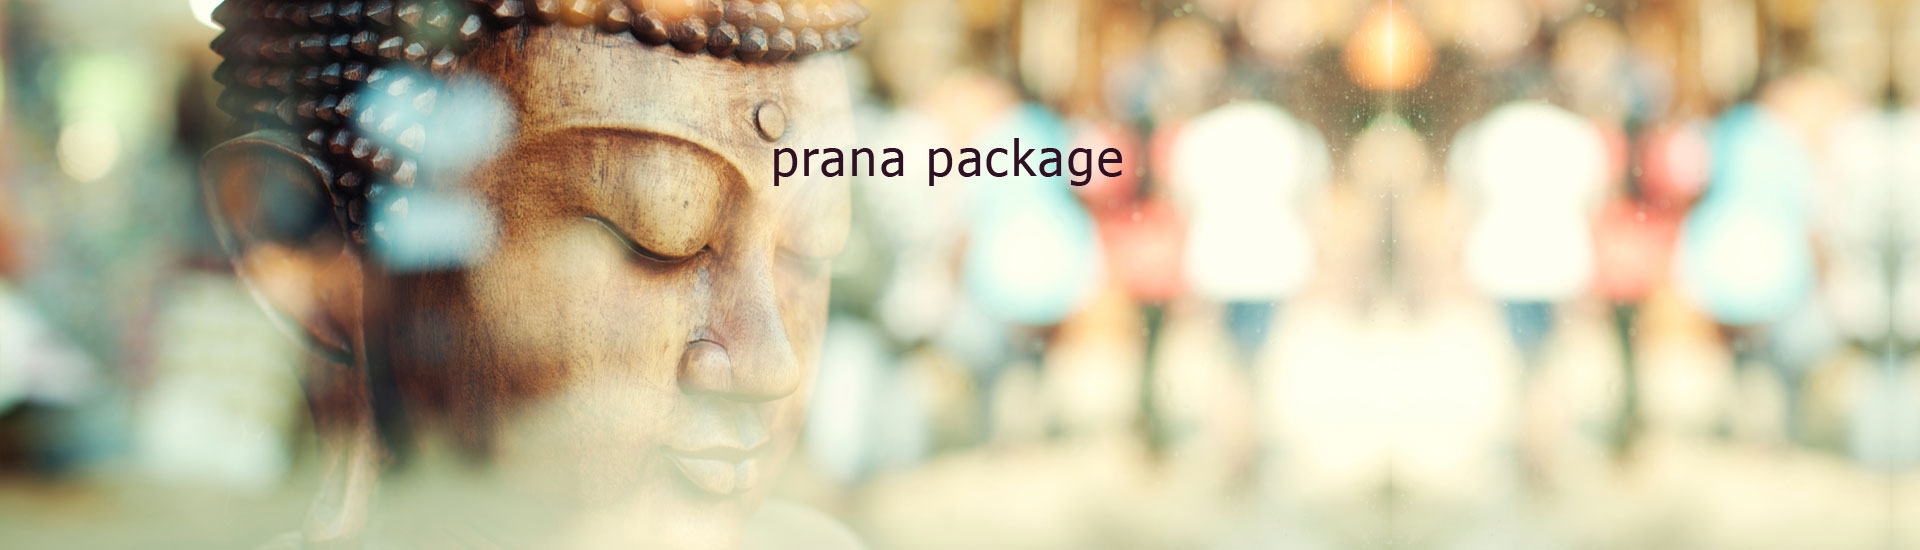 prana package